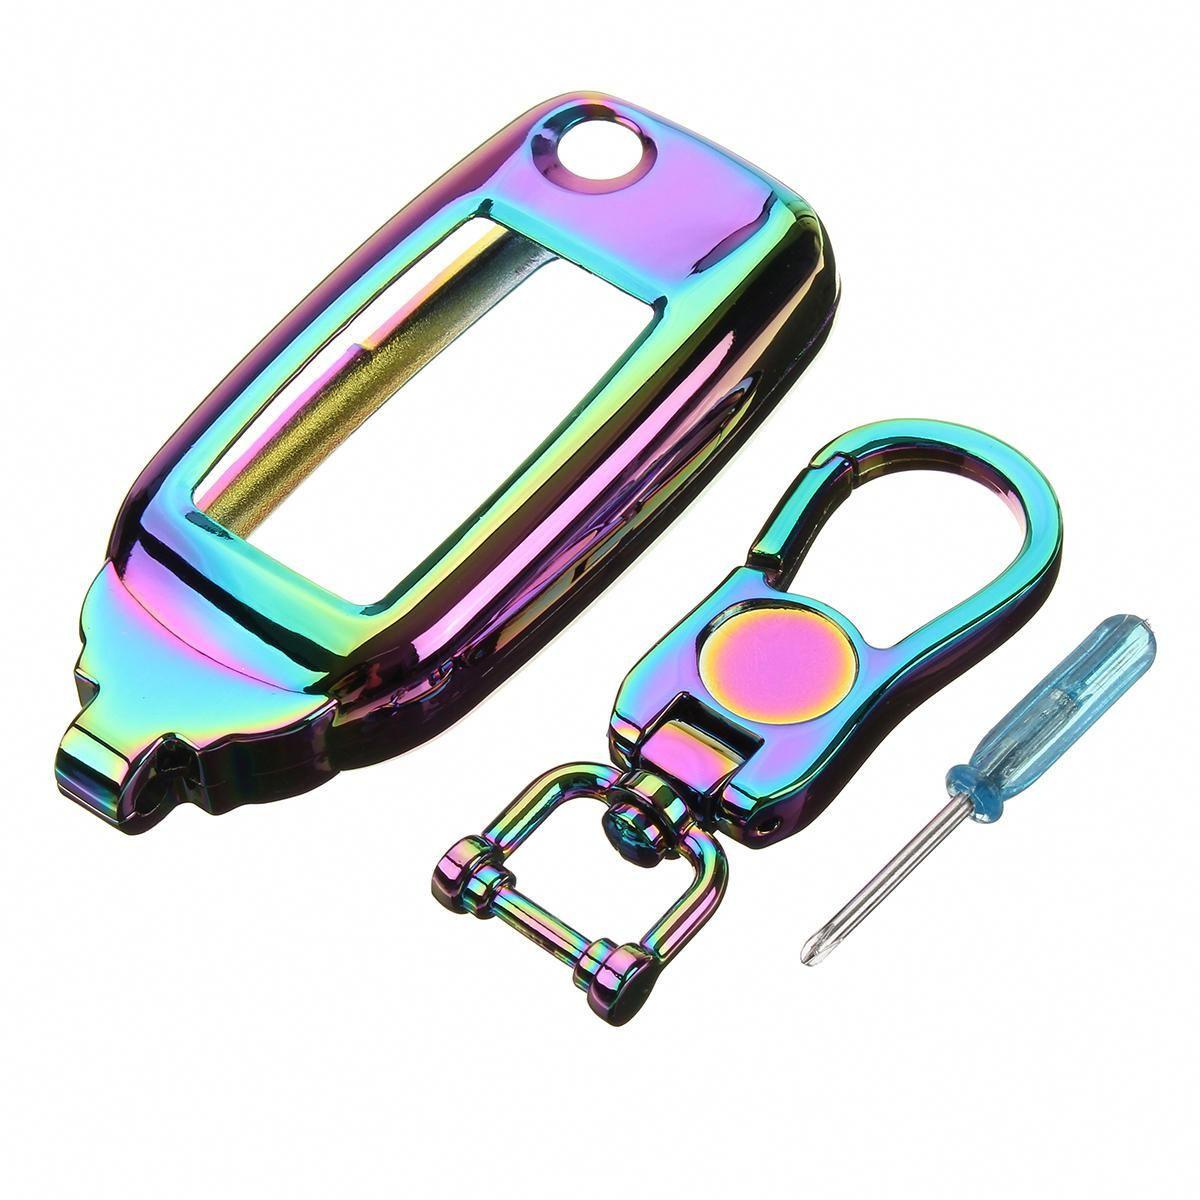 Zinc Alloy Car Key Case/bag Protector Cover Remote Control